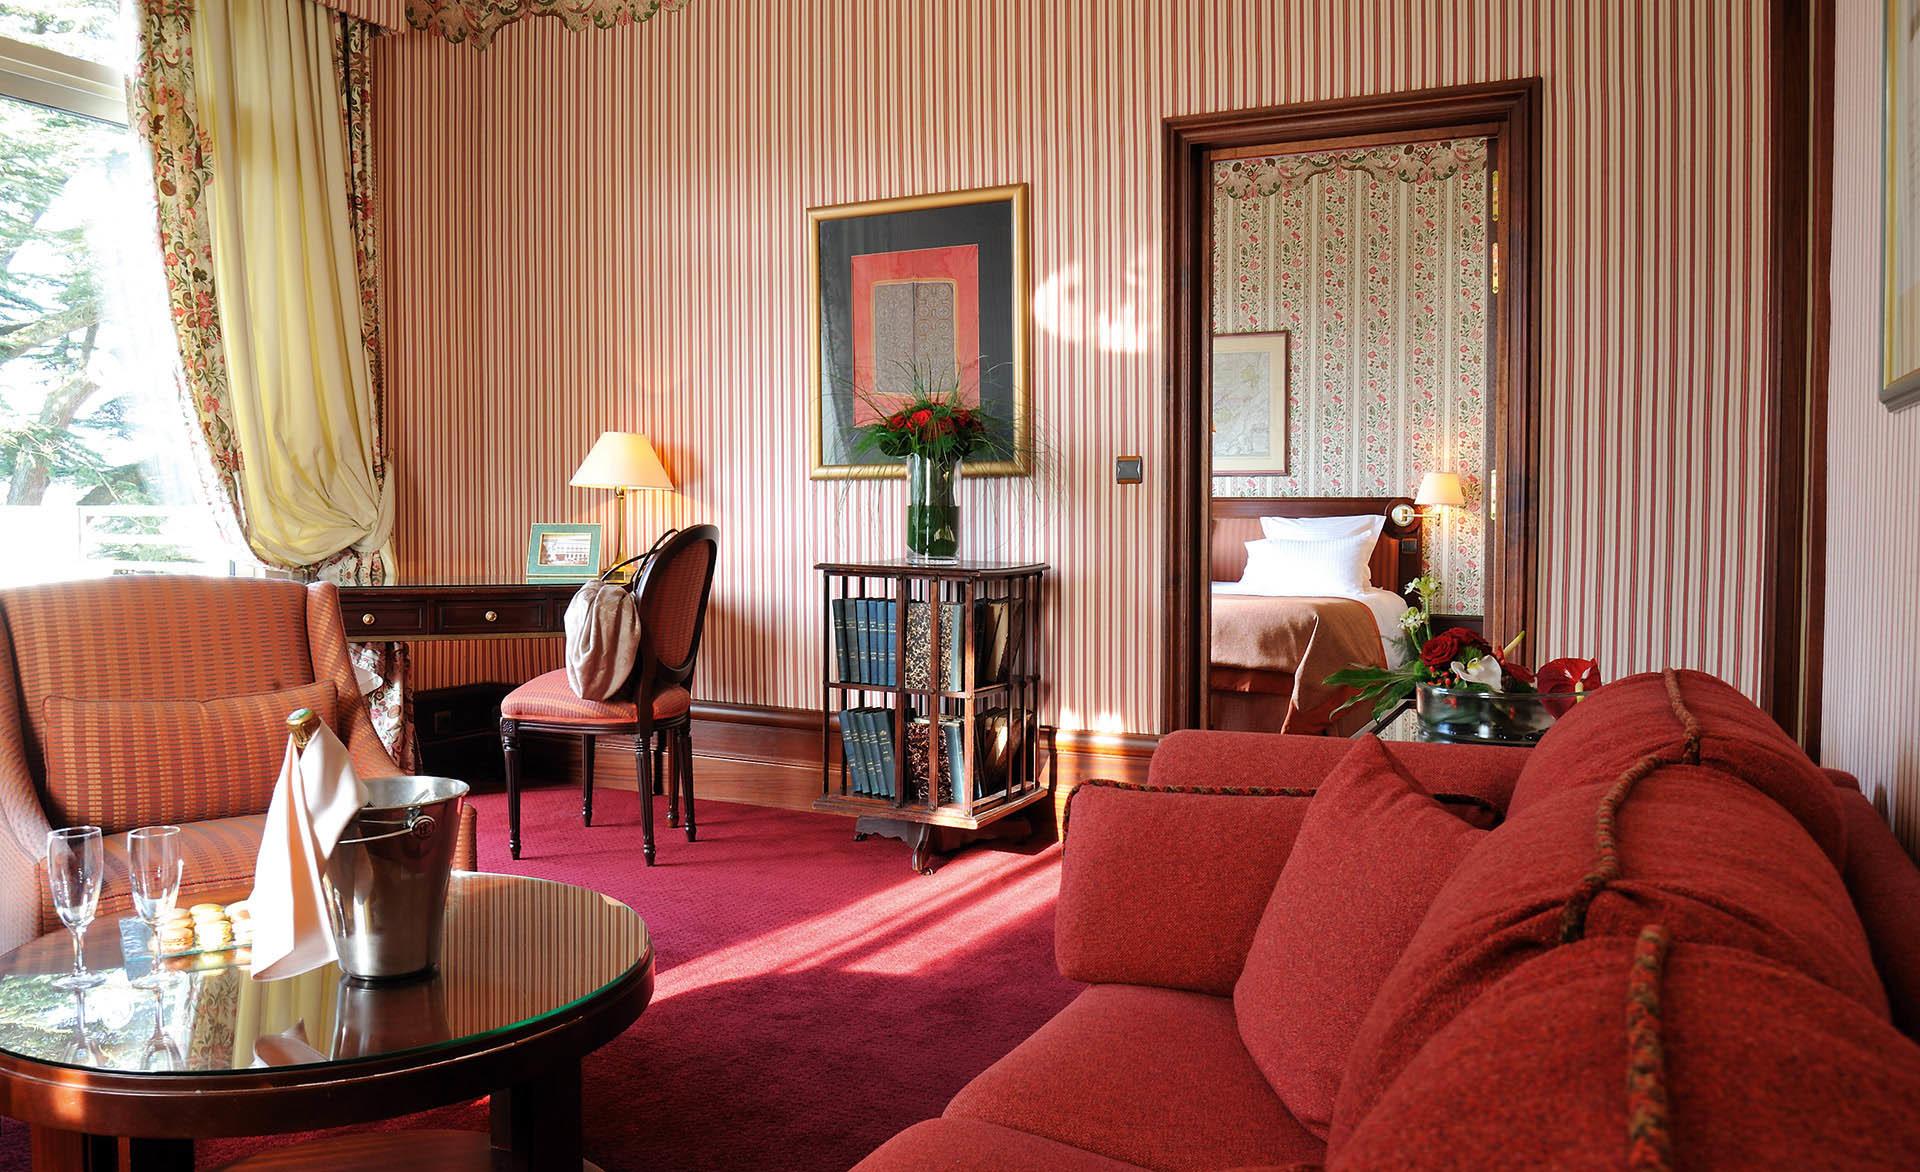 Junior Suite at Domaine de Divonne Hotel in Divonne-les-Bains